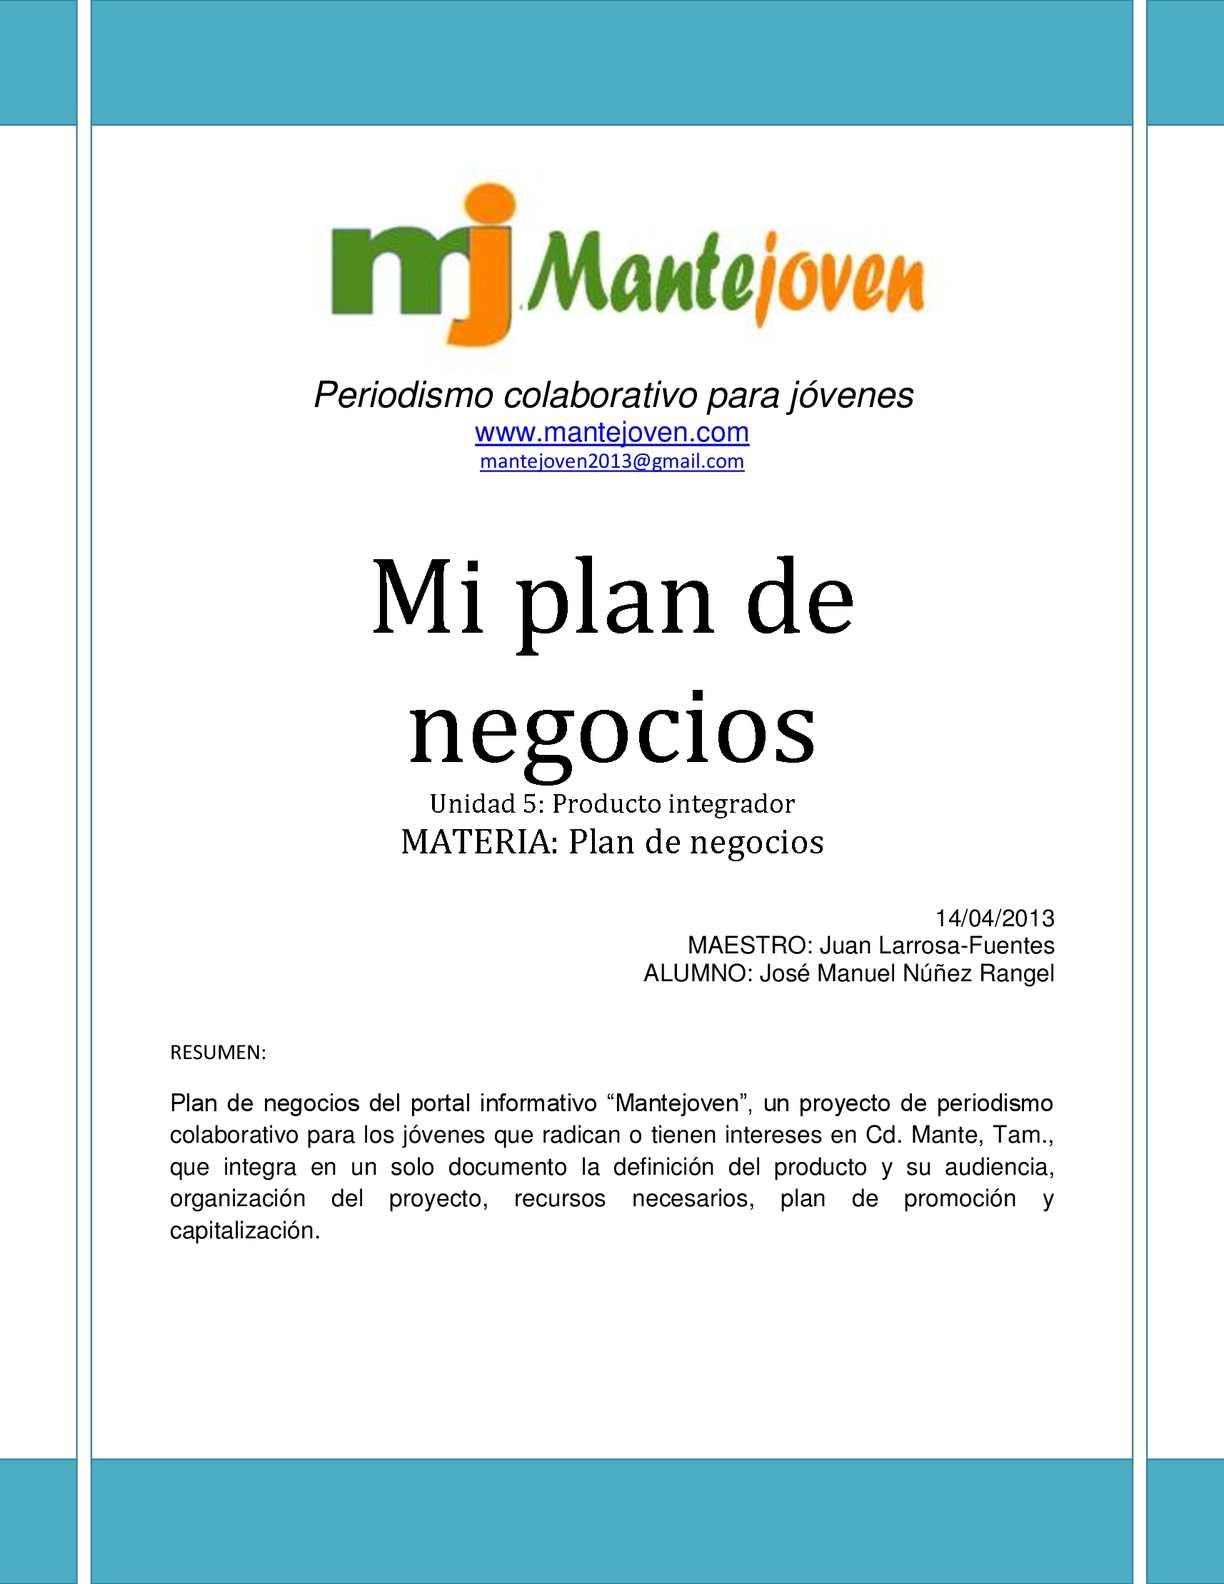 Plan de Negocios Mante joven en pdf